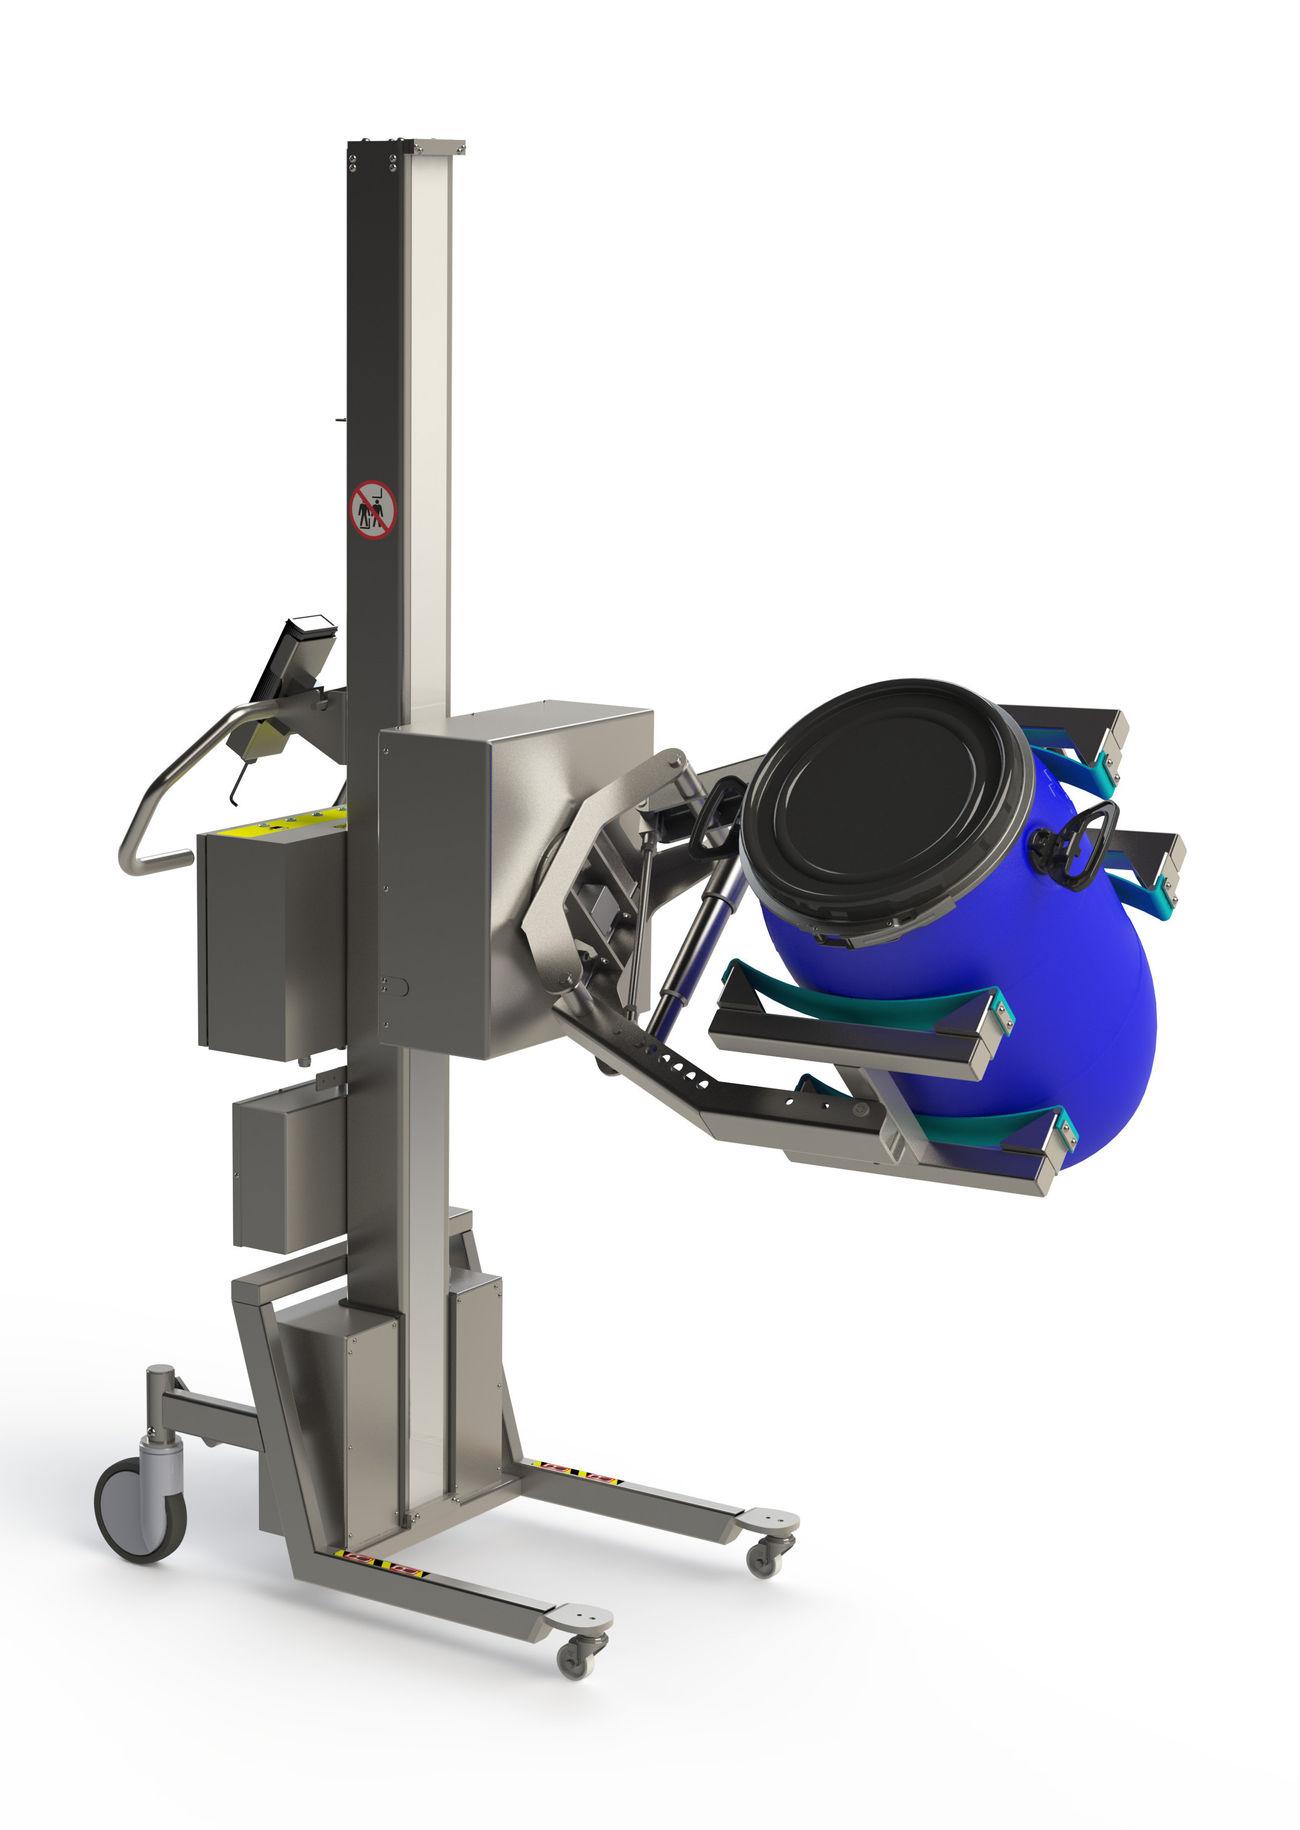 ELEKTRIČNA rotacijska jedinica 80 kg/pharma slika